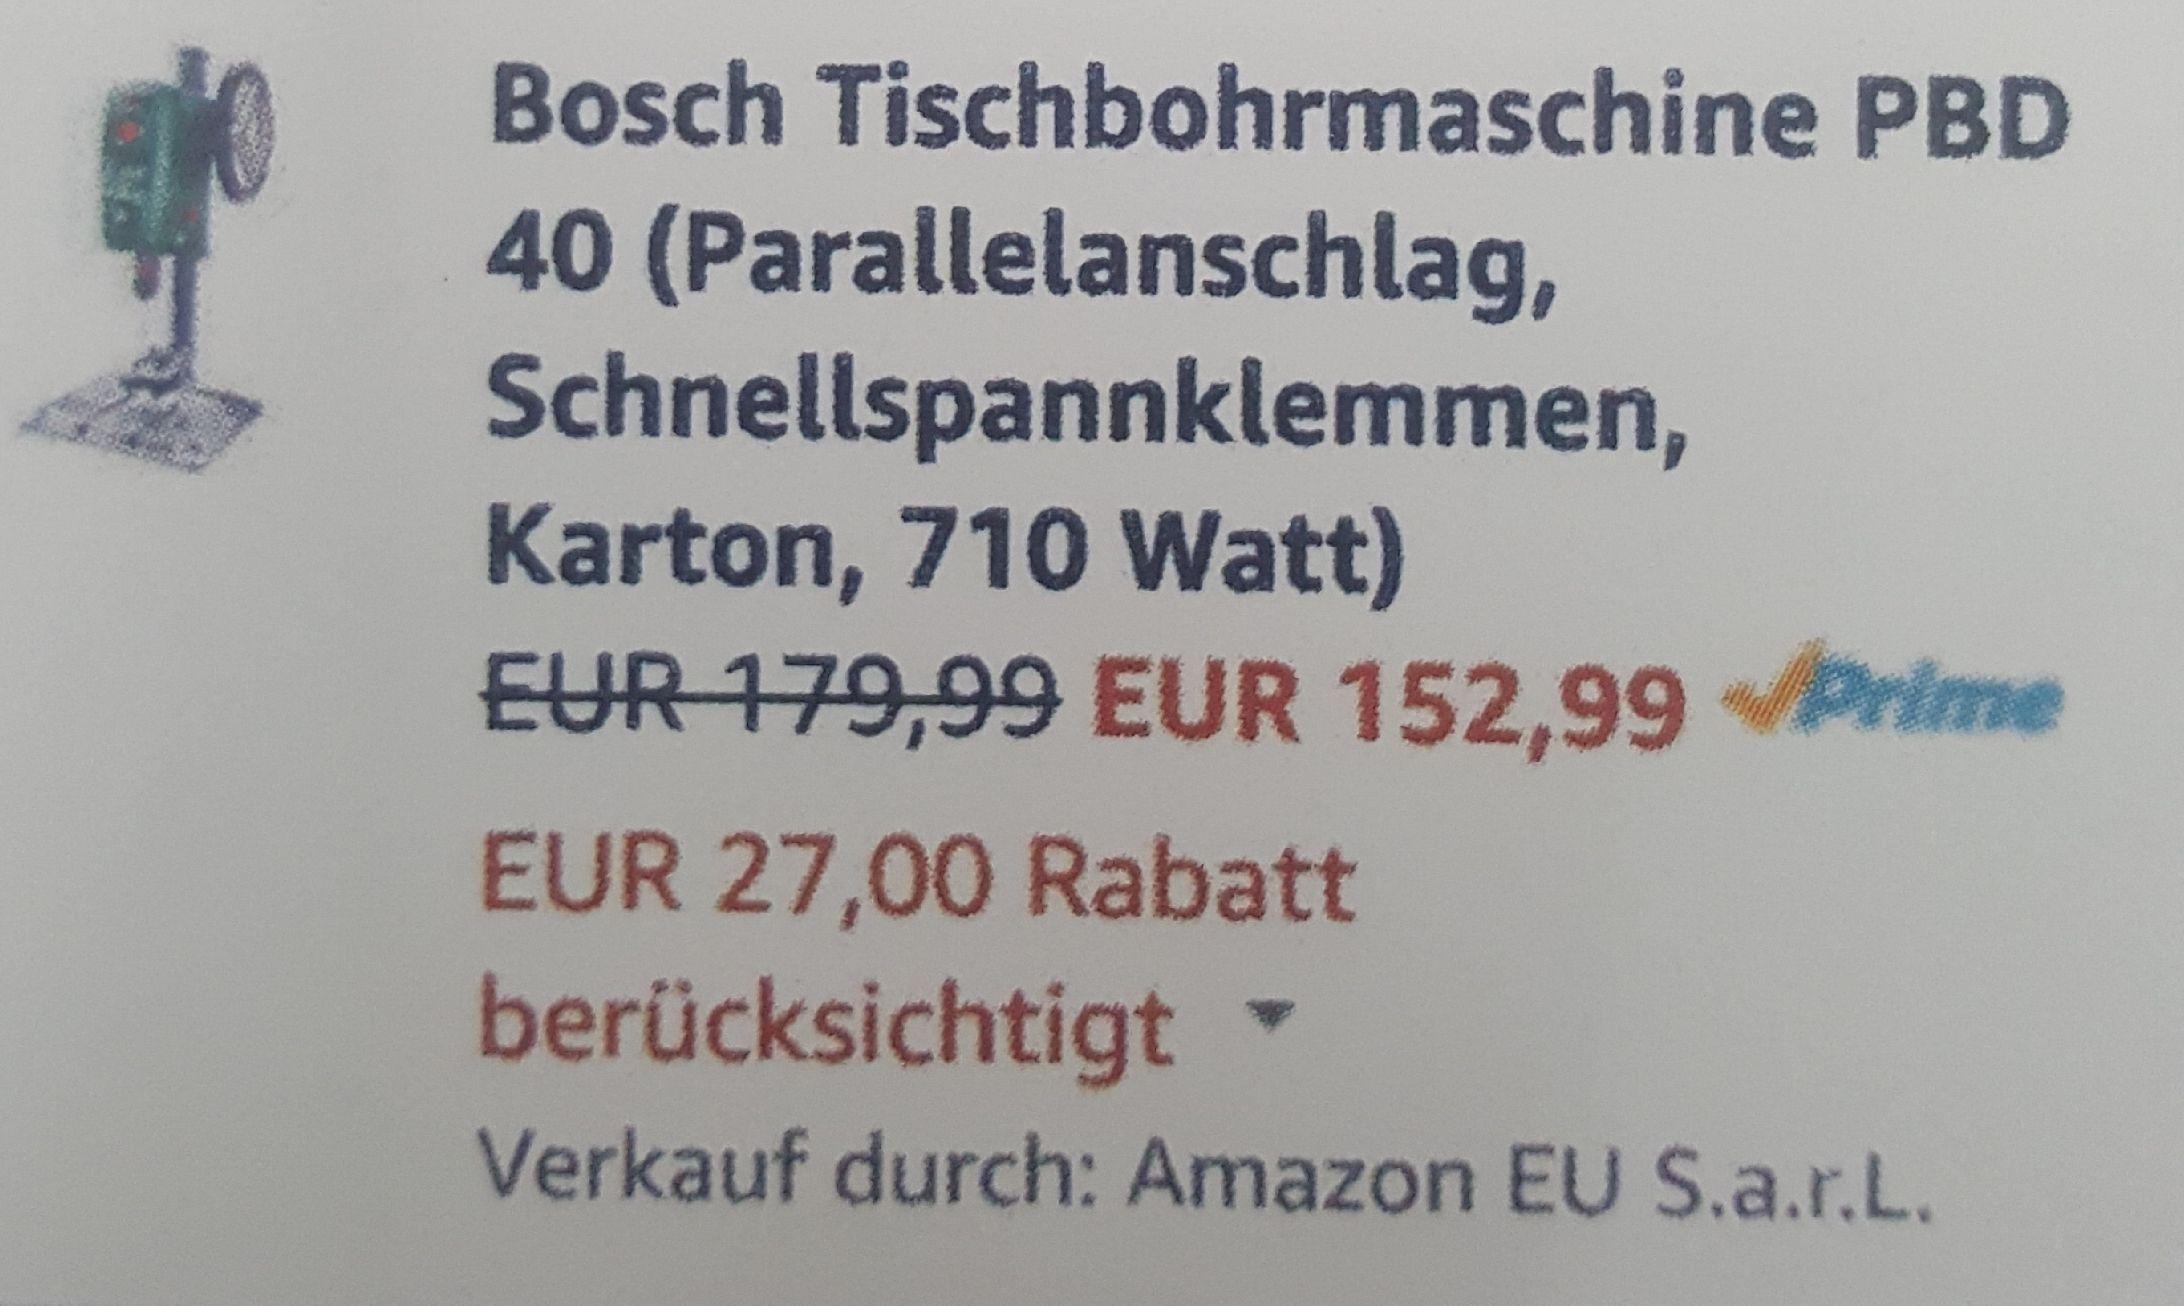 Bosch PBD 40 dank Hornbach Tiefpreisgarantie für 137,69€